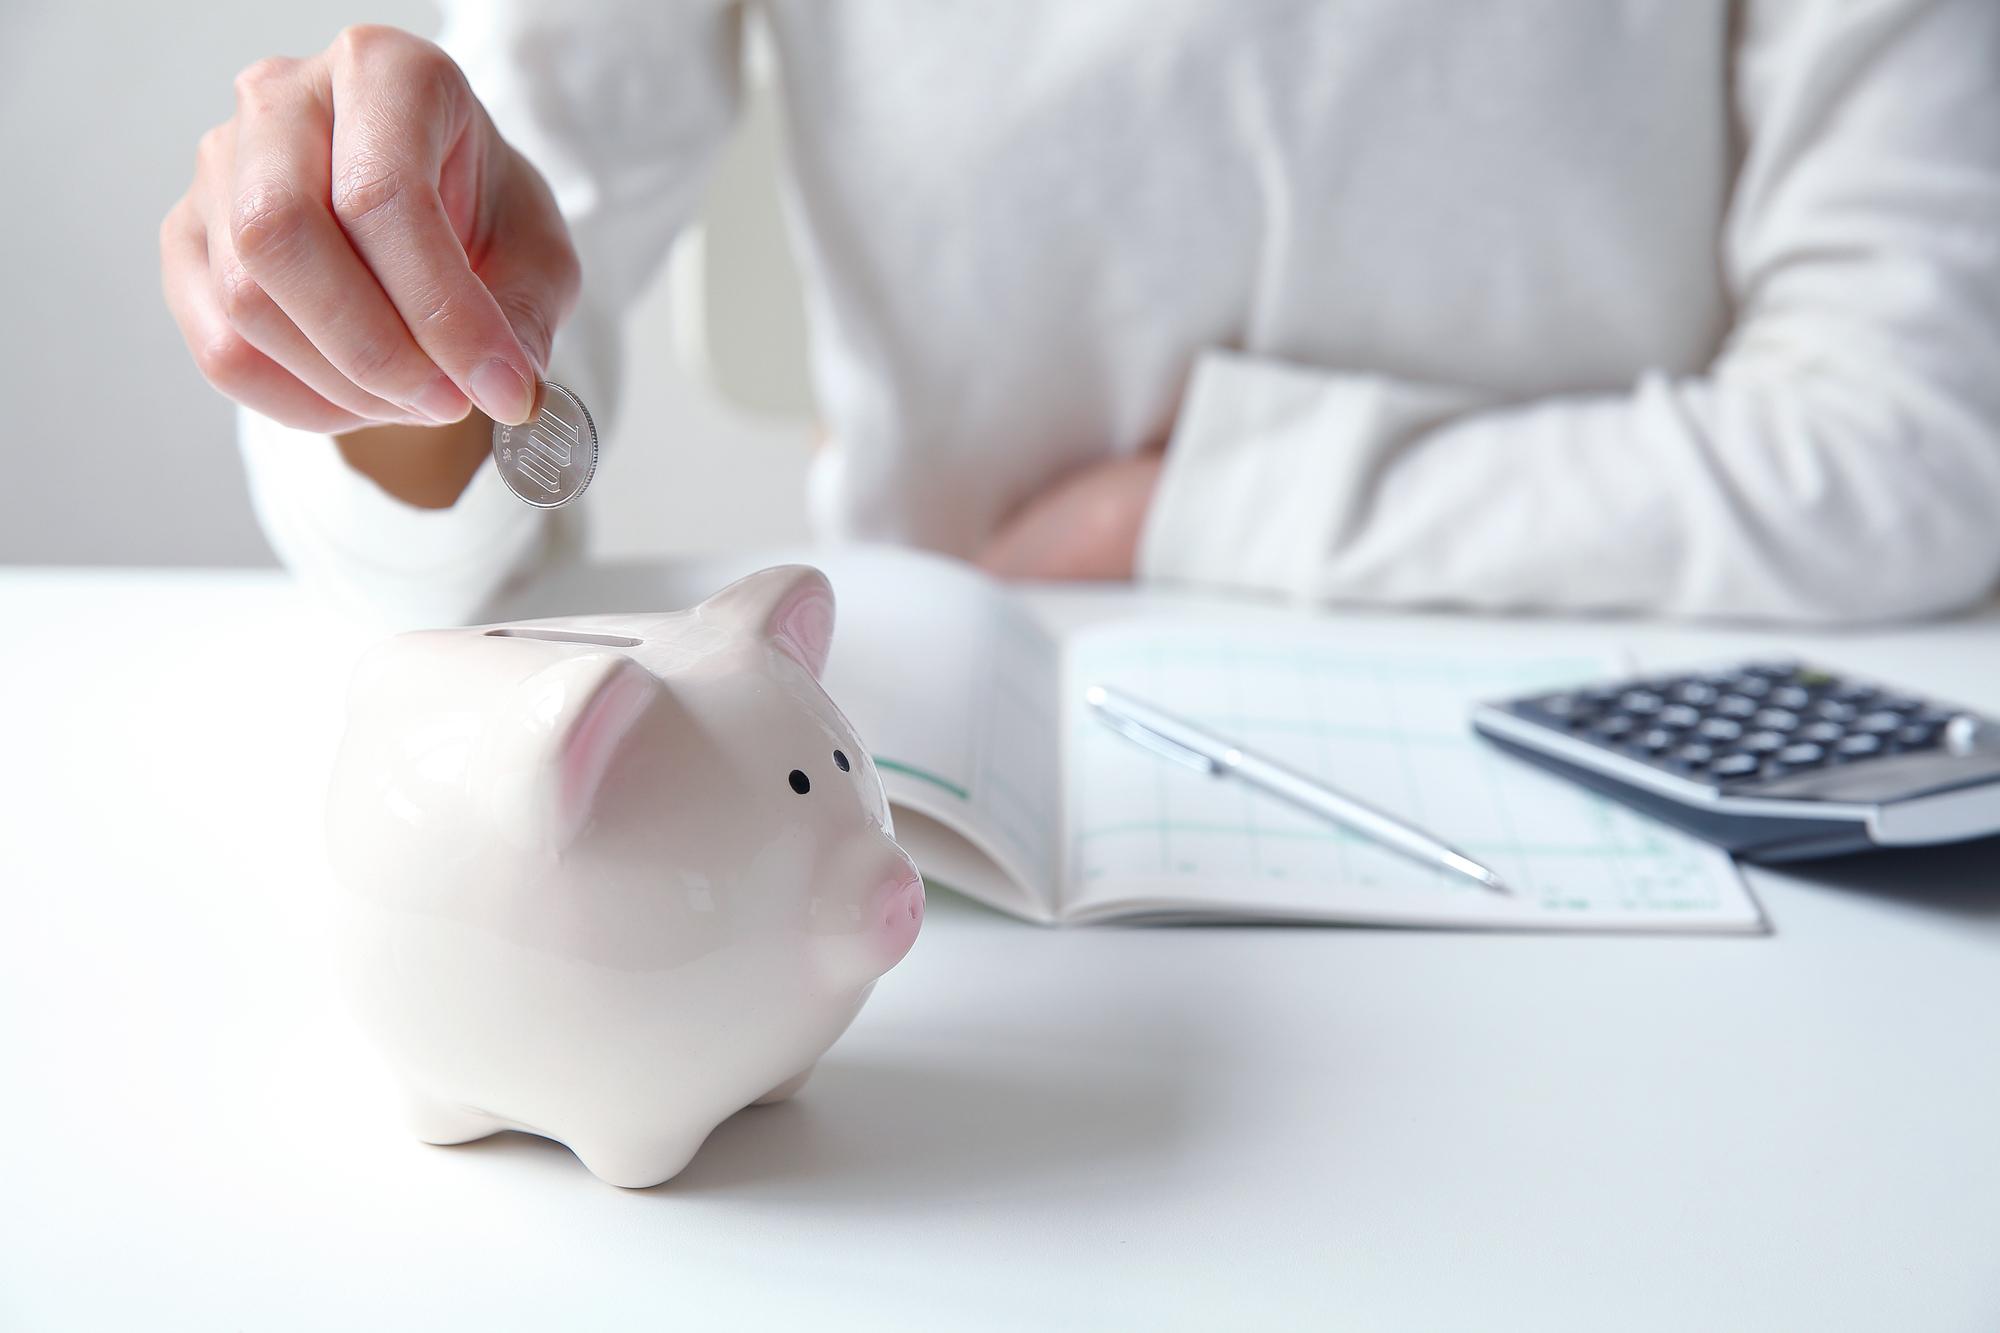 節約・貯蓄のアイデア